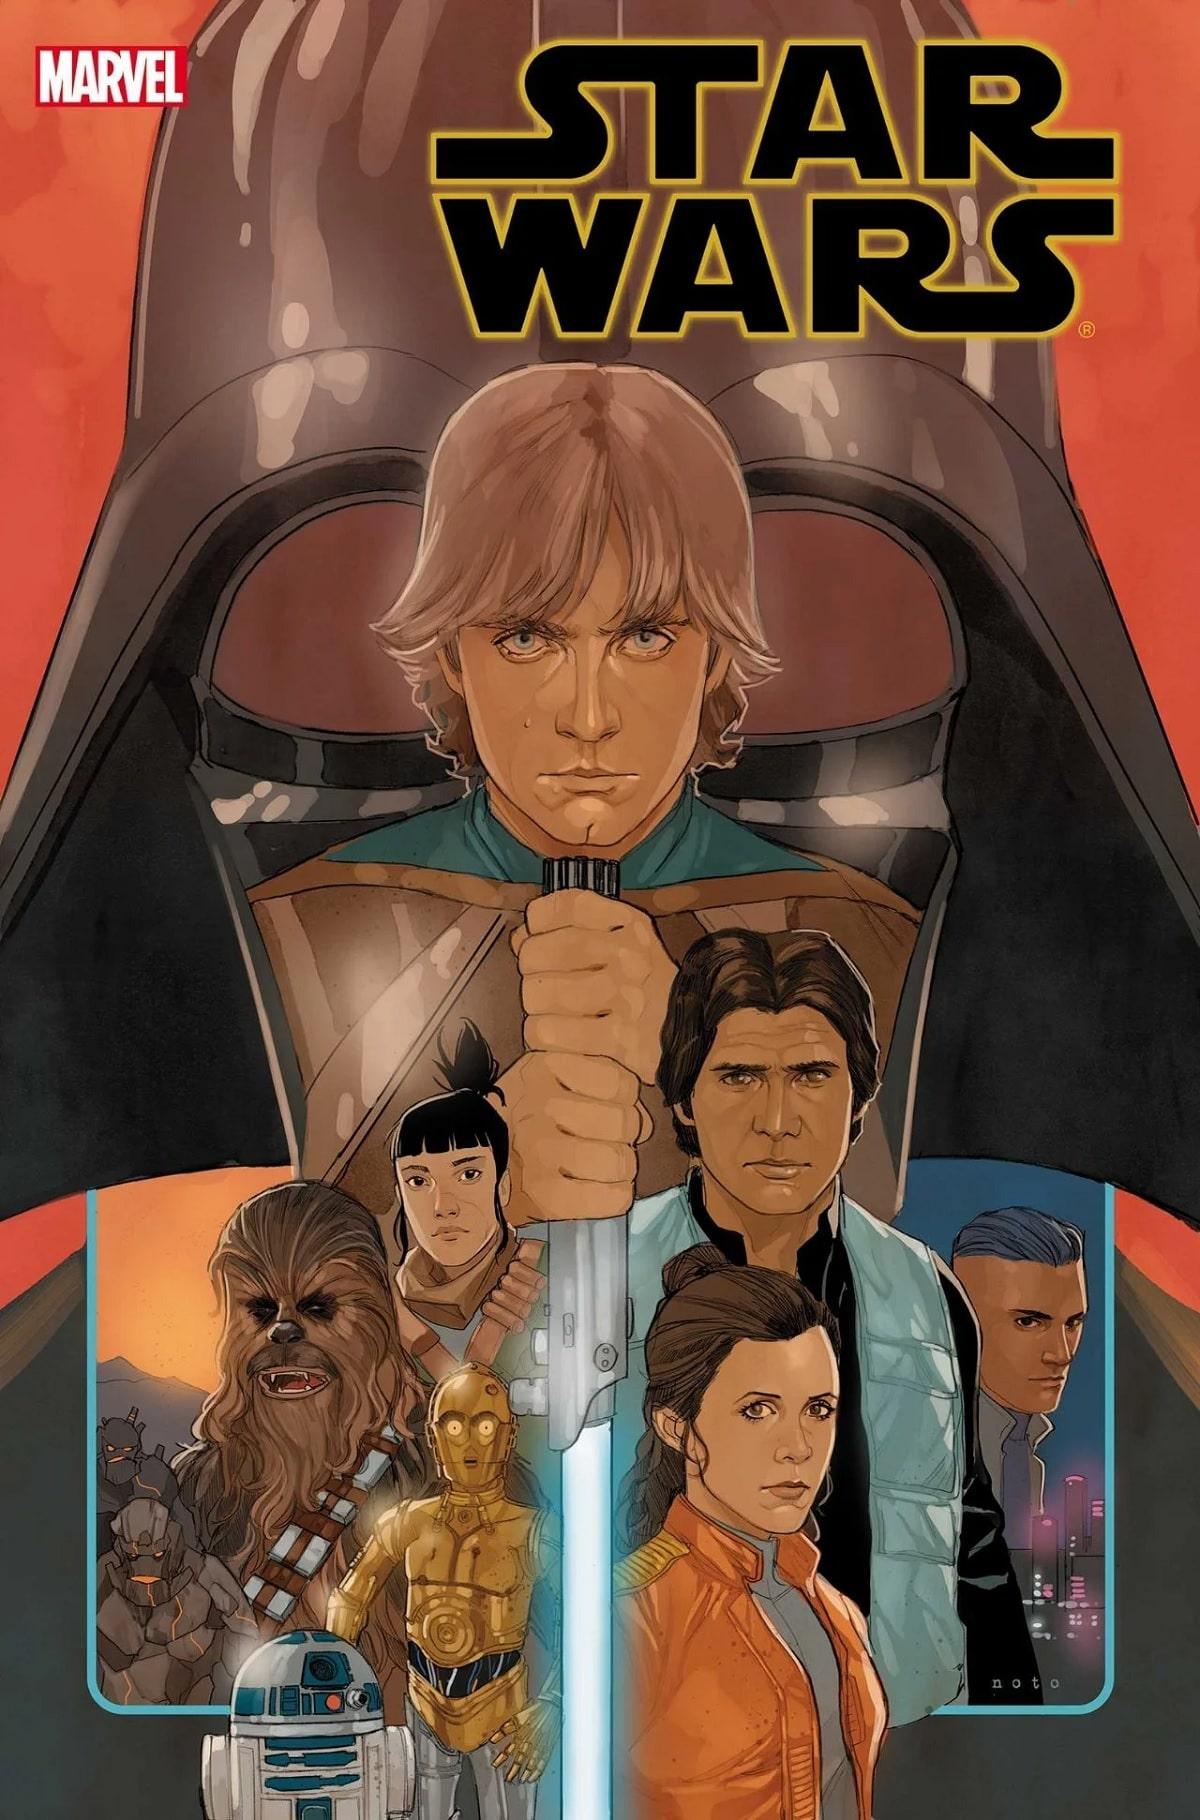 Marvel's Star Wars #75. Pic credit: Marvel.